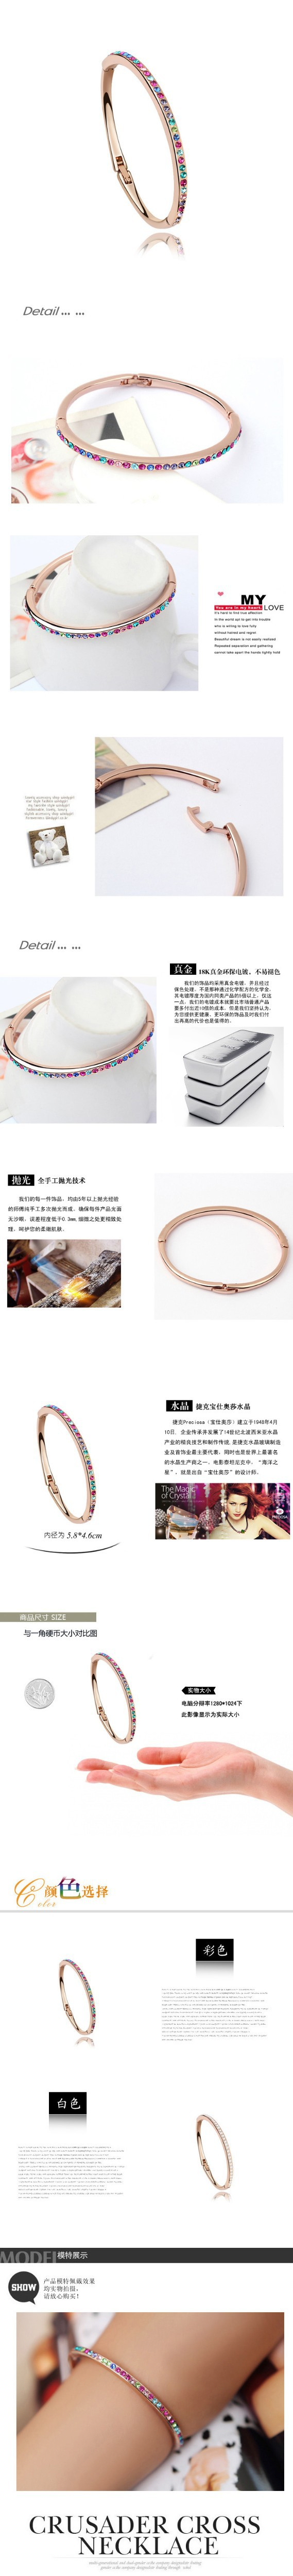 классический дизайн! 1800050 кристалл 7colros канала браслет с чешскими кристаллами для женщин подарок